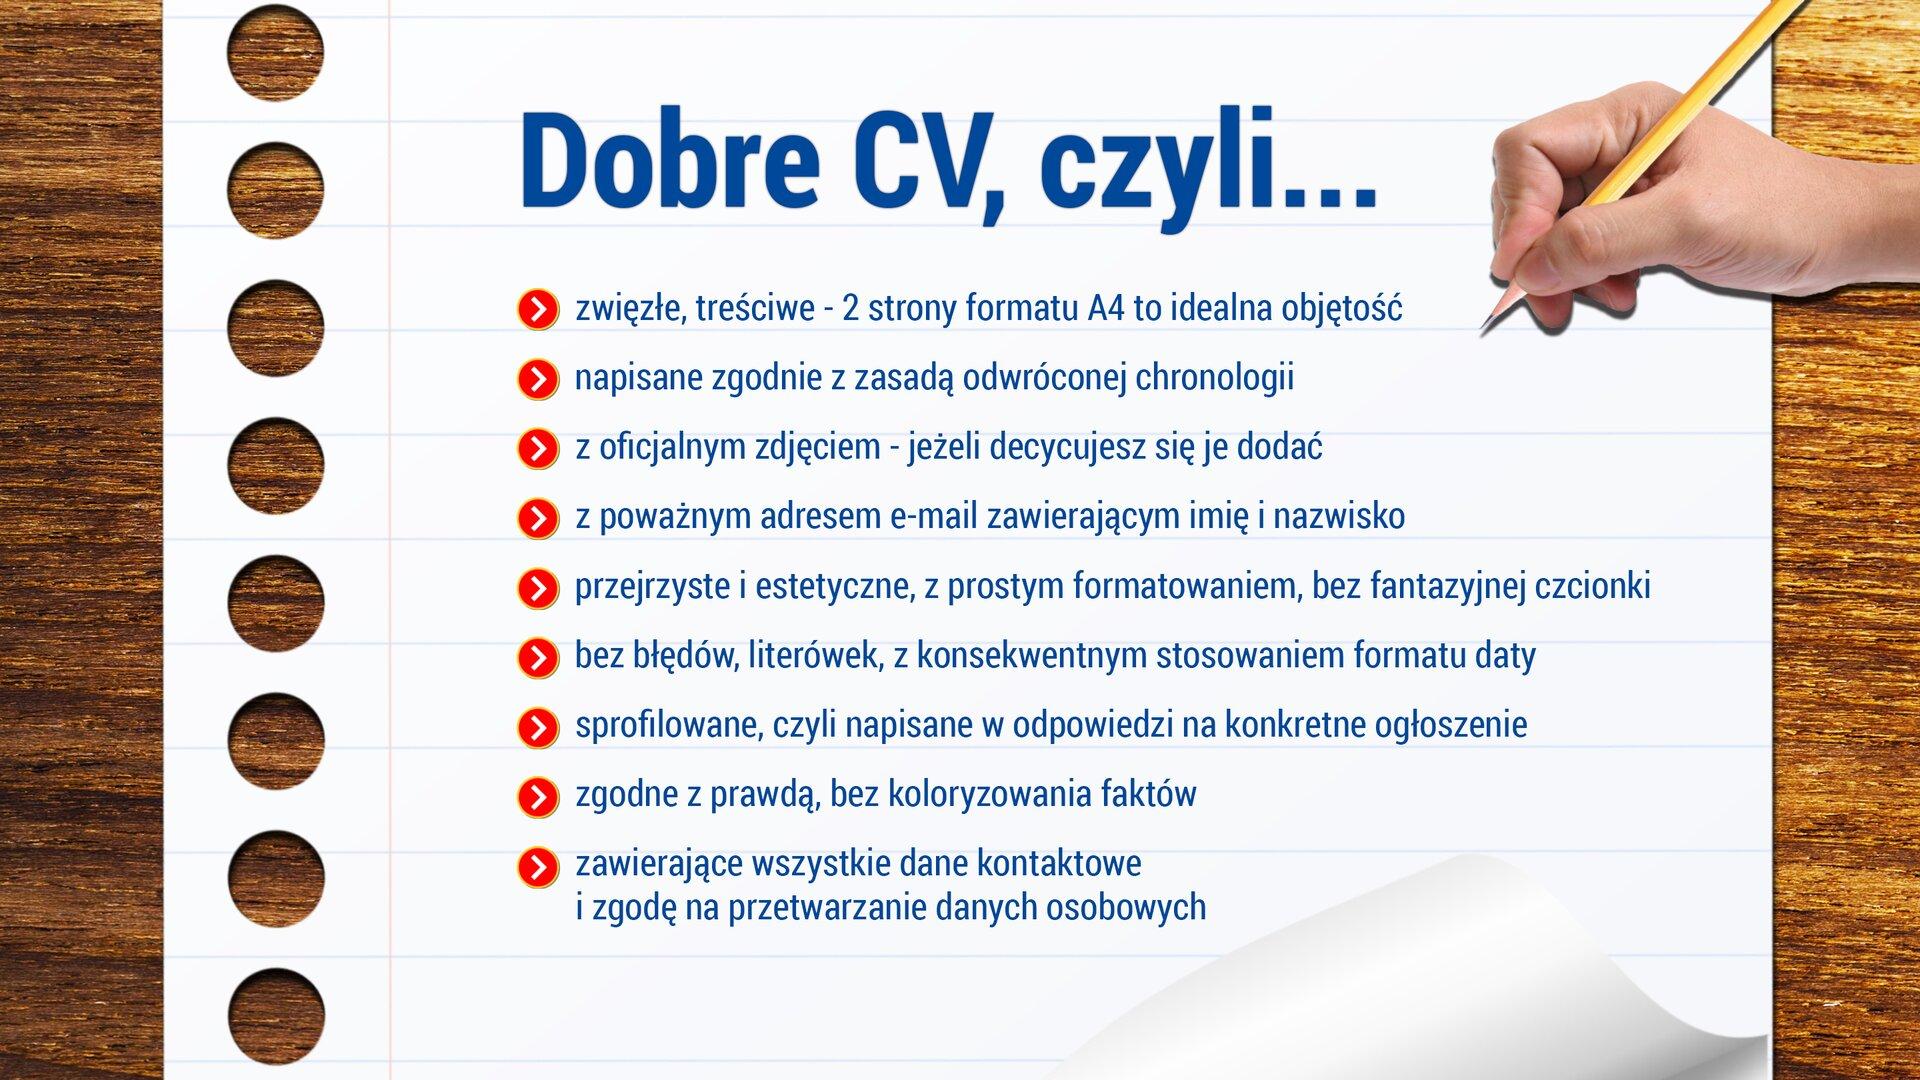 """Na drewnianym blacie umieszczono kartkę zzeszytu, awniej nagłówek: """"Dobre CV, czyli…"""". Poniżej wpunktach wymienione są cechy dobrego CV: """"zwięzłe, treściwe – 2 strony formatu A4 to idealna objętość; napisane zgodnie zzasadą odwróconej chronologii; zoficjalnym zdjęciem – jeżeli decydujesz się je dodać; zpoważnym adresem e-mail zawierającym imię inazwisko; przejrzyste iestetyczne, zprostym formatowaniem, bez fantazyjnej czcionki; bez błędów, literówek, zkonsekwentnym stosowaniem formatu daty; sprofilowane, czyli napisane wodpowiedzi na konkretne ogłoszenie; zgodnie zprawdą, bez koloryzowania faktów; zawierające wszystkie dane kontaktowe izgodę na przetwarzanie danych osobowych""""."""